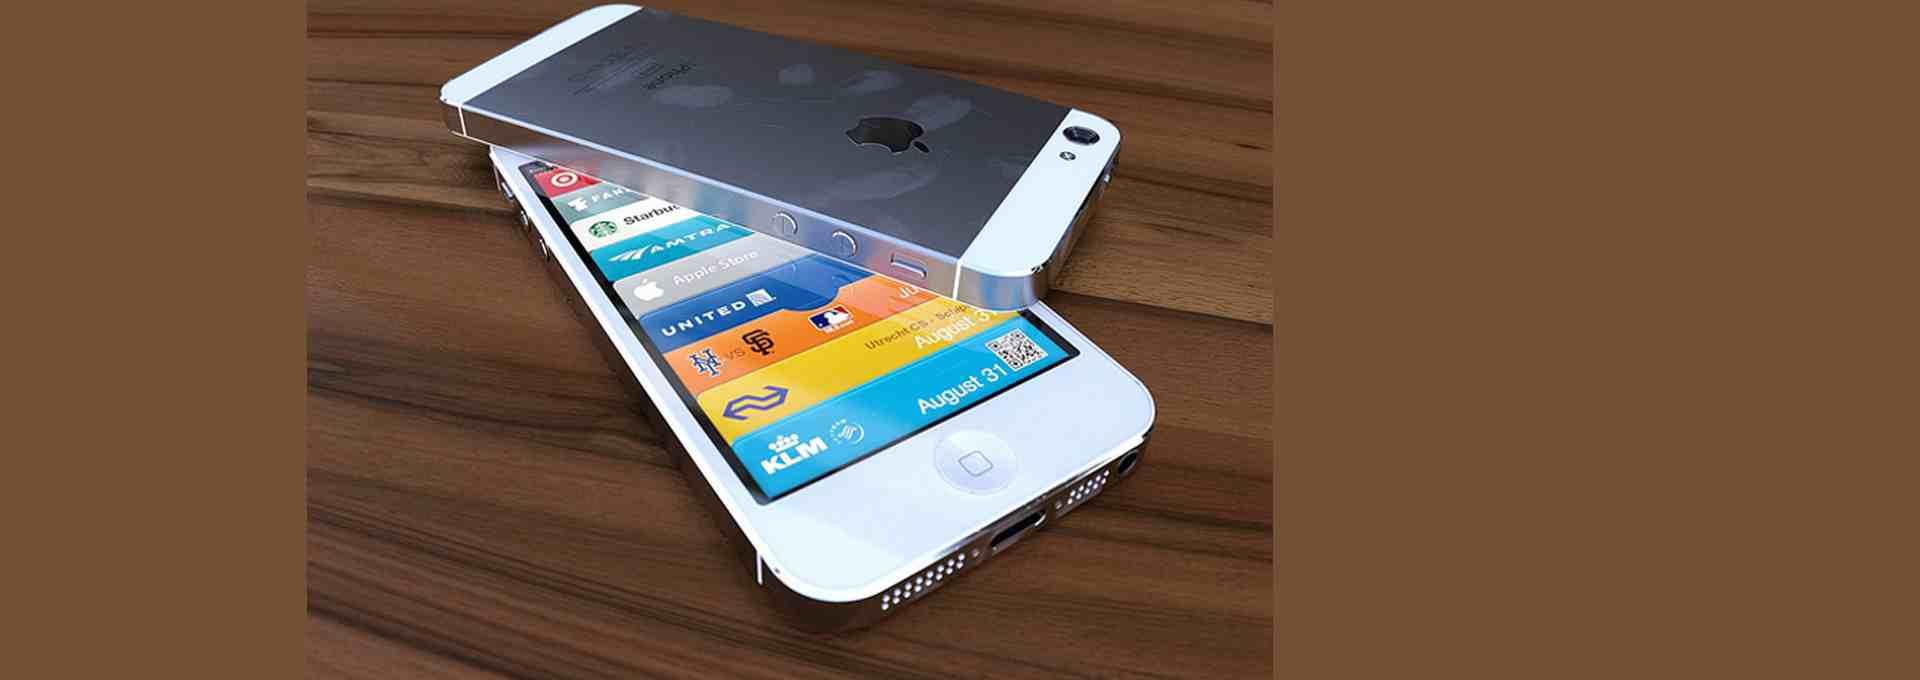 Nouvelles rumeurs sur l'iPhone 5: 1GB de RAM et état de la production